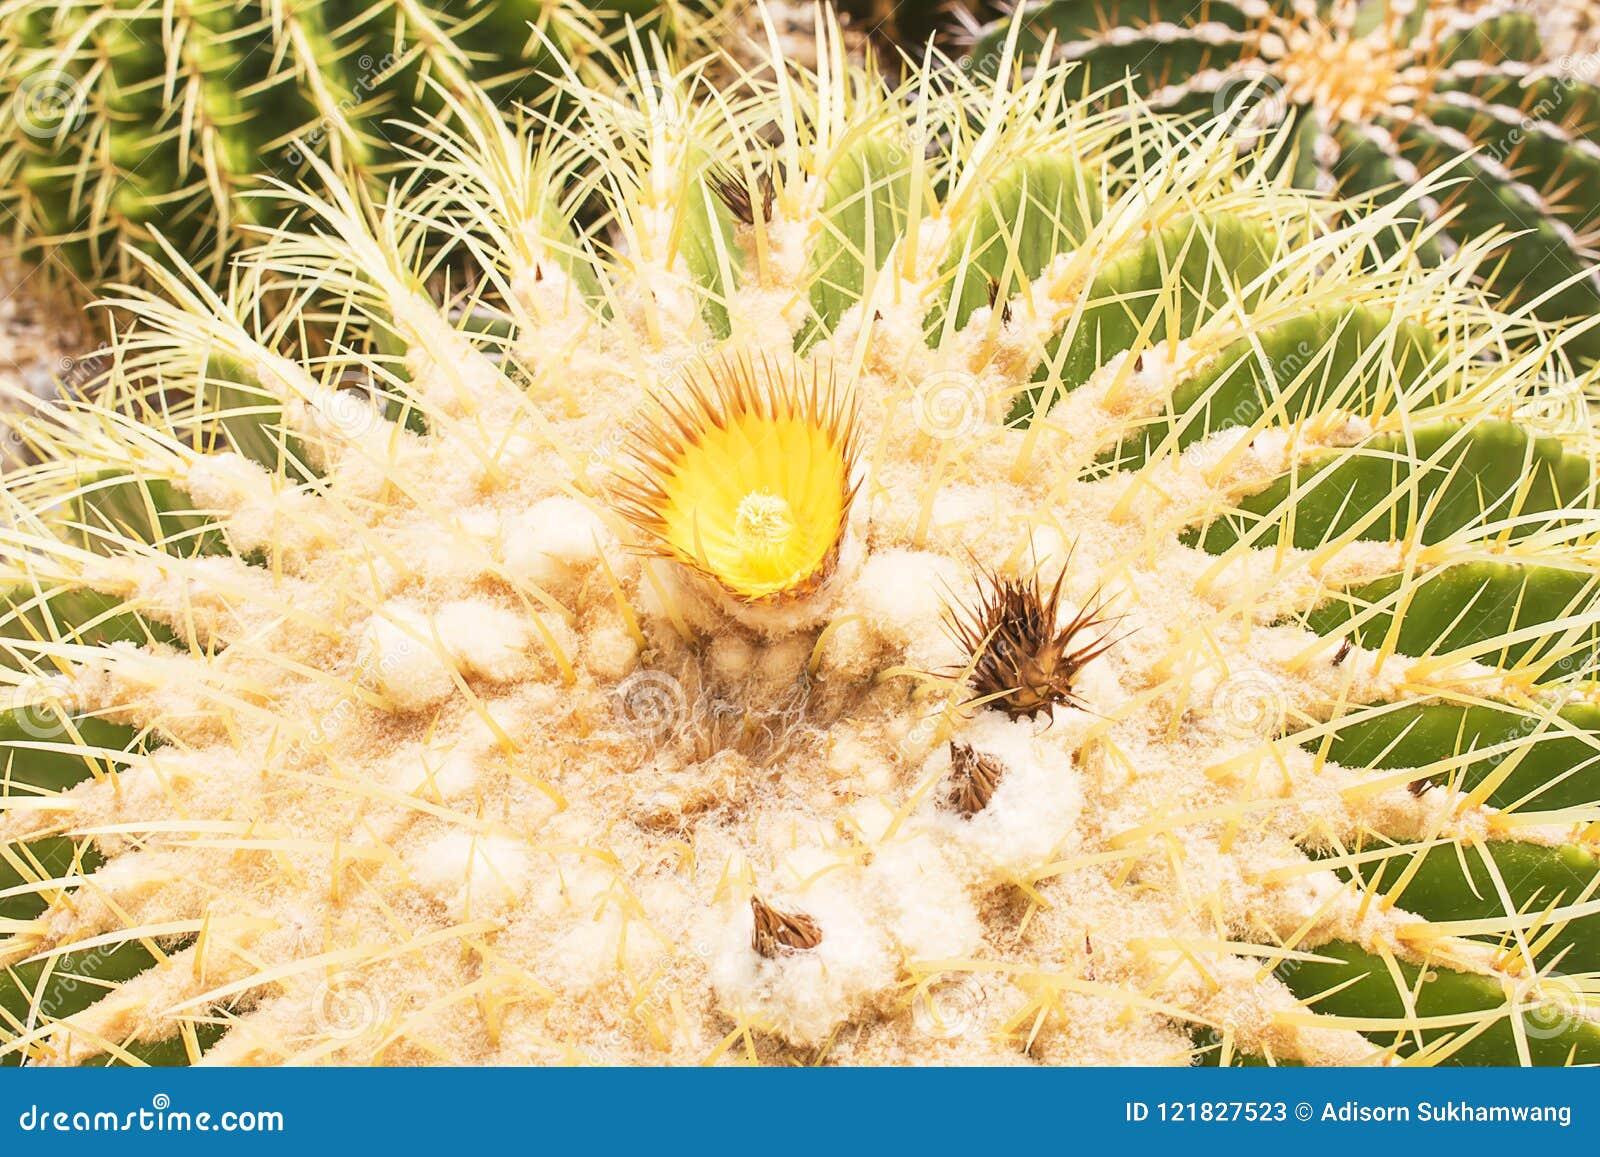 Closeup of Golden Barrel Cactus, Echinocactus grusonii.